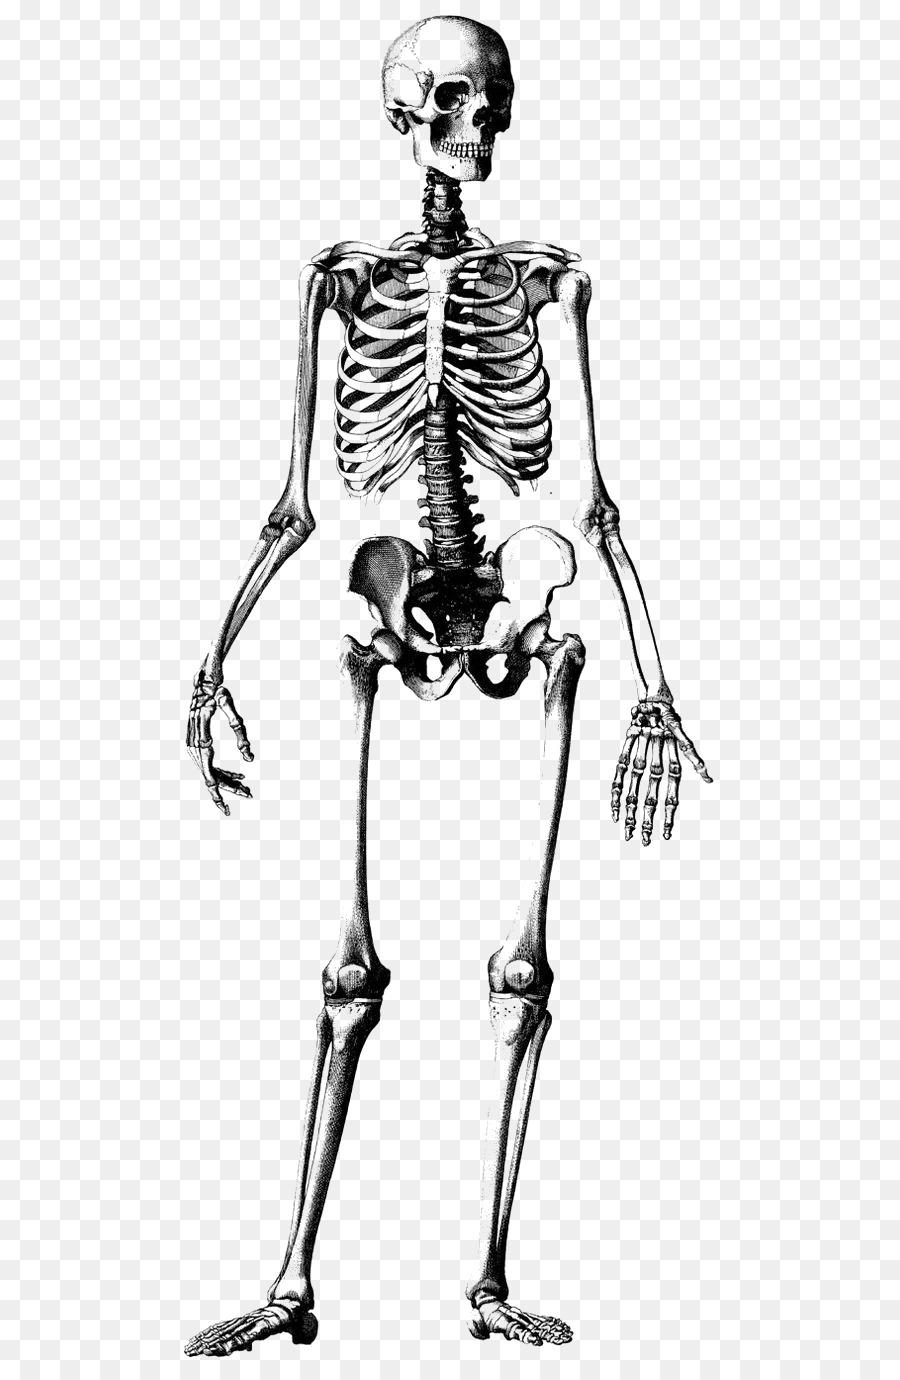 Esqueleto humano Cráneo de Dibujo de Anatomía Ilustración - Armazón ...